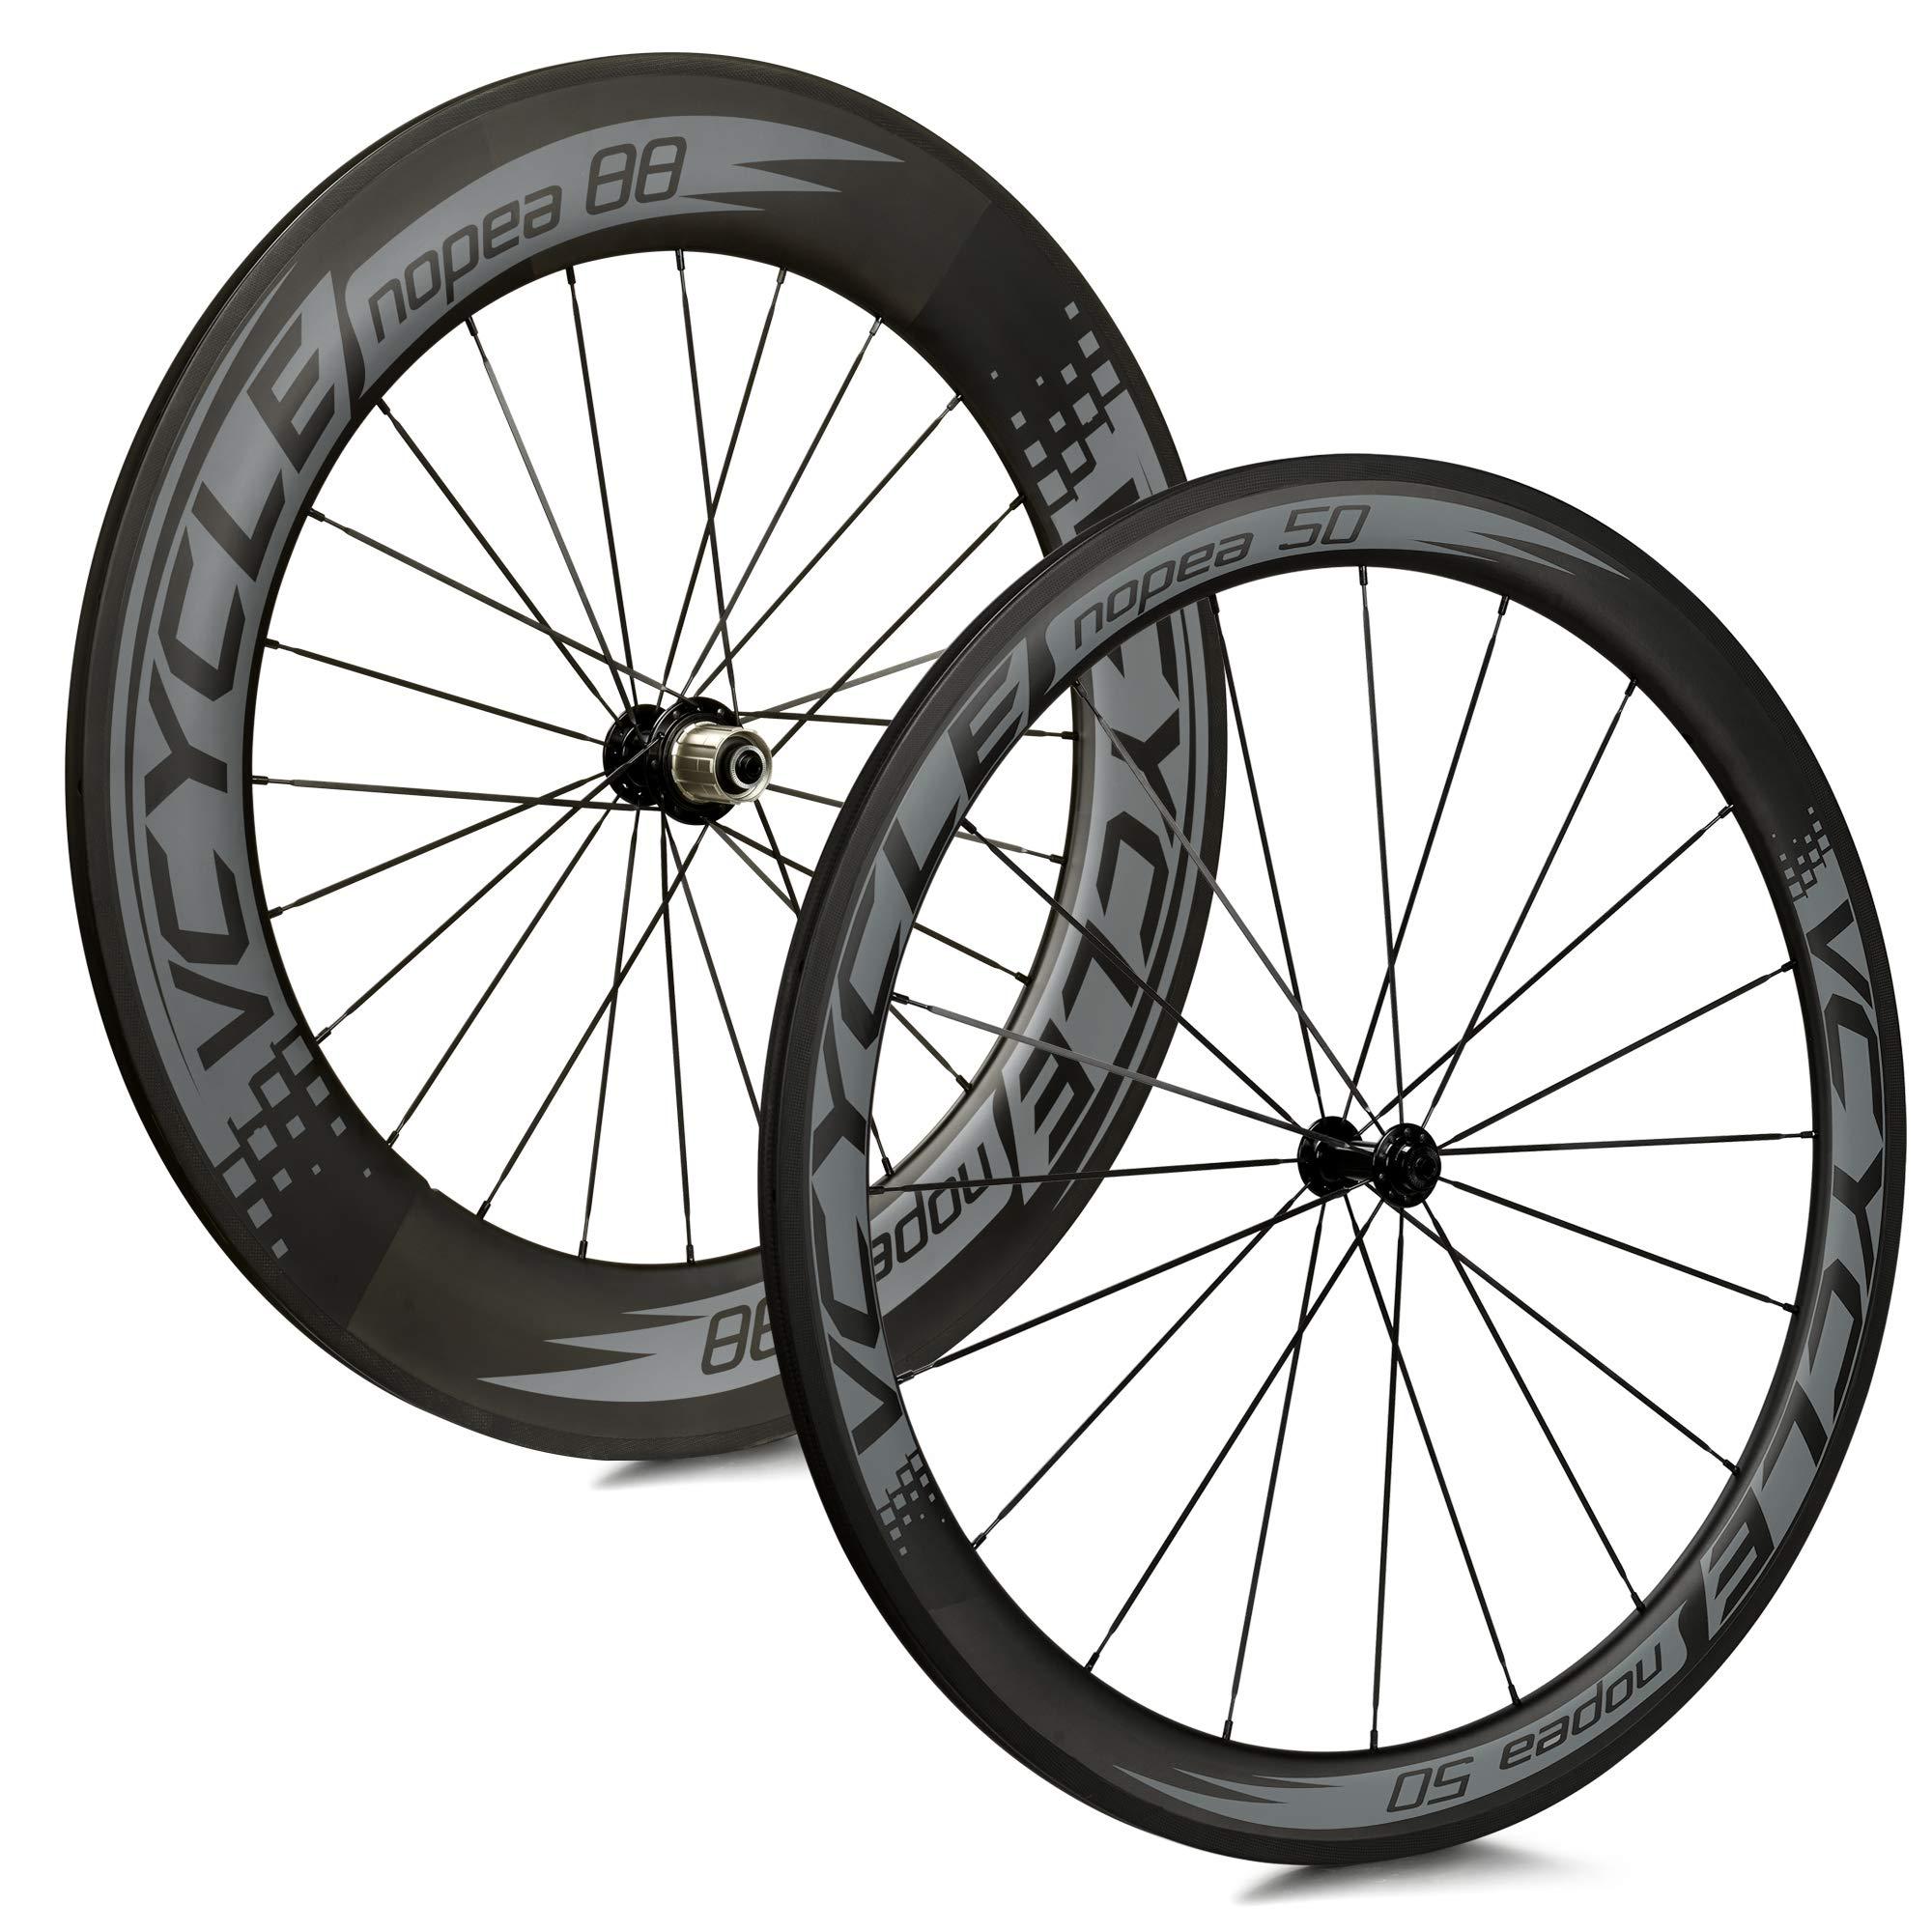 VCYCLE Nopea Carbono Ruedas de Bicicleta de Carretera 700C Tubular Delantero 50mm Posterior 88mm Shimano o Sram 8/9/10/11 Velocidades: Amazon.es: Deportes y aire libre